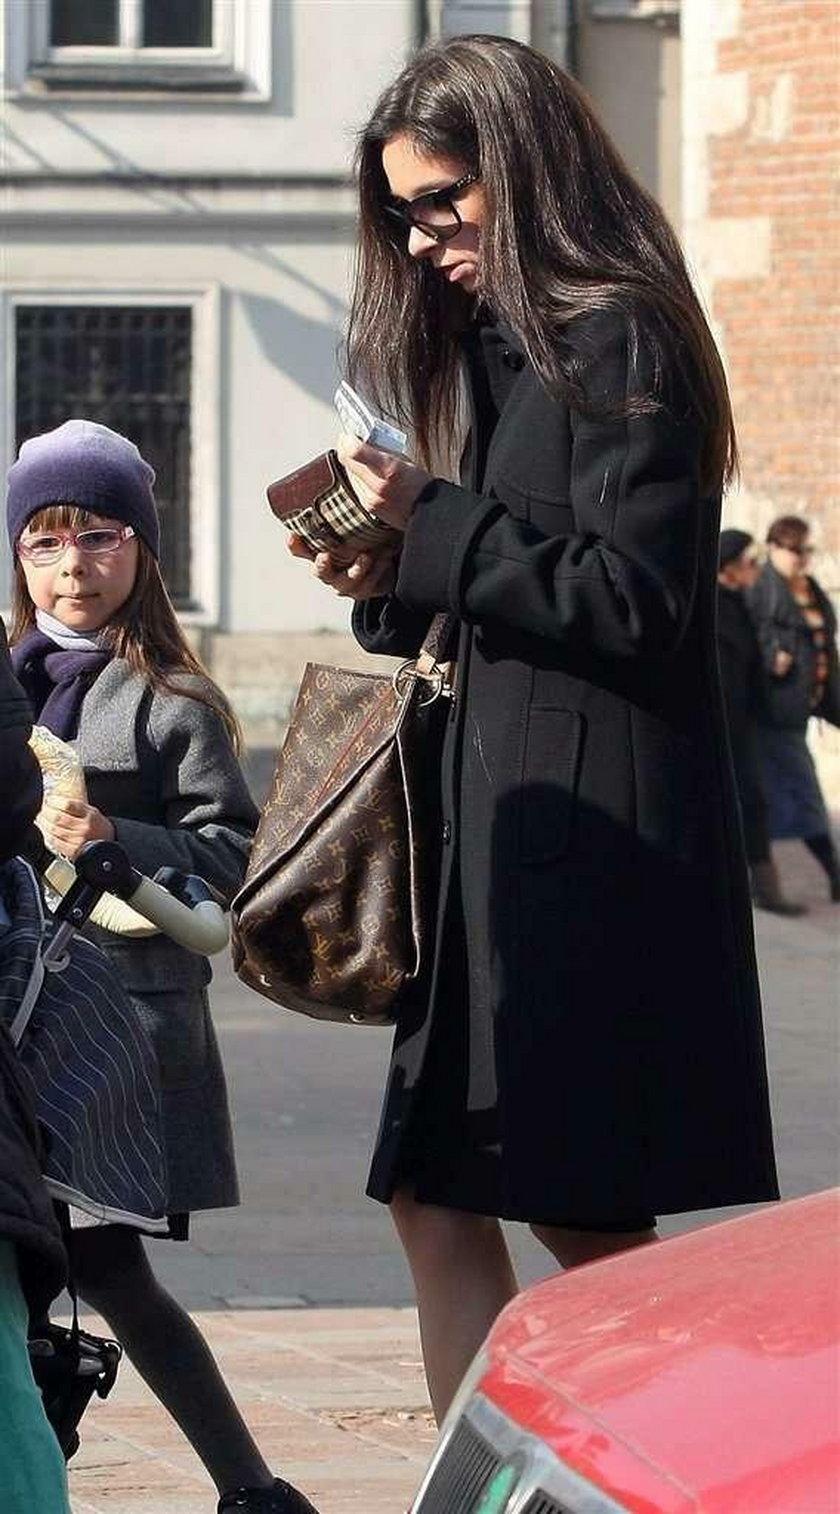 Louis Vuitton to dziś jedna z najbardziej rozpoznawalnych i wartościowych marek świata